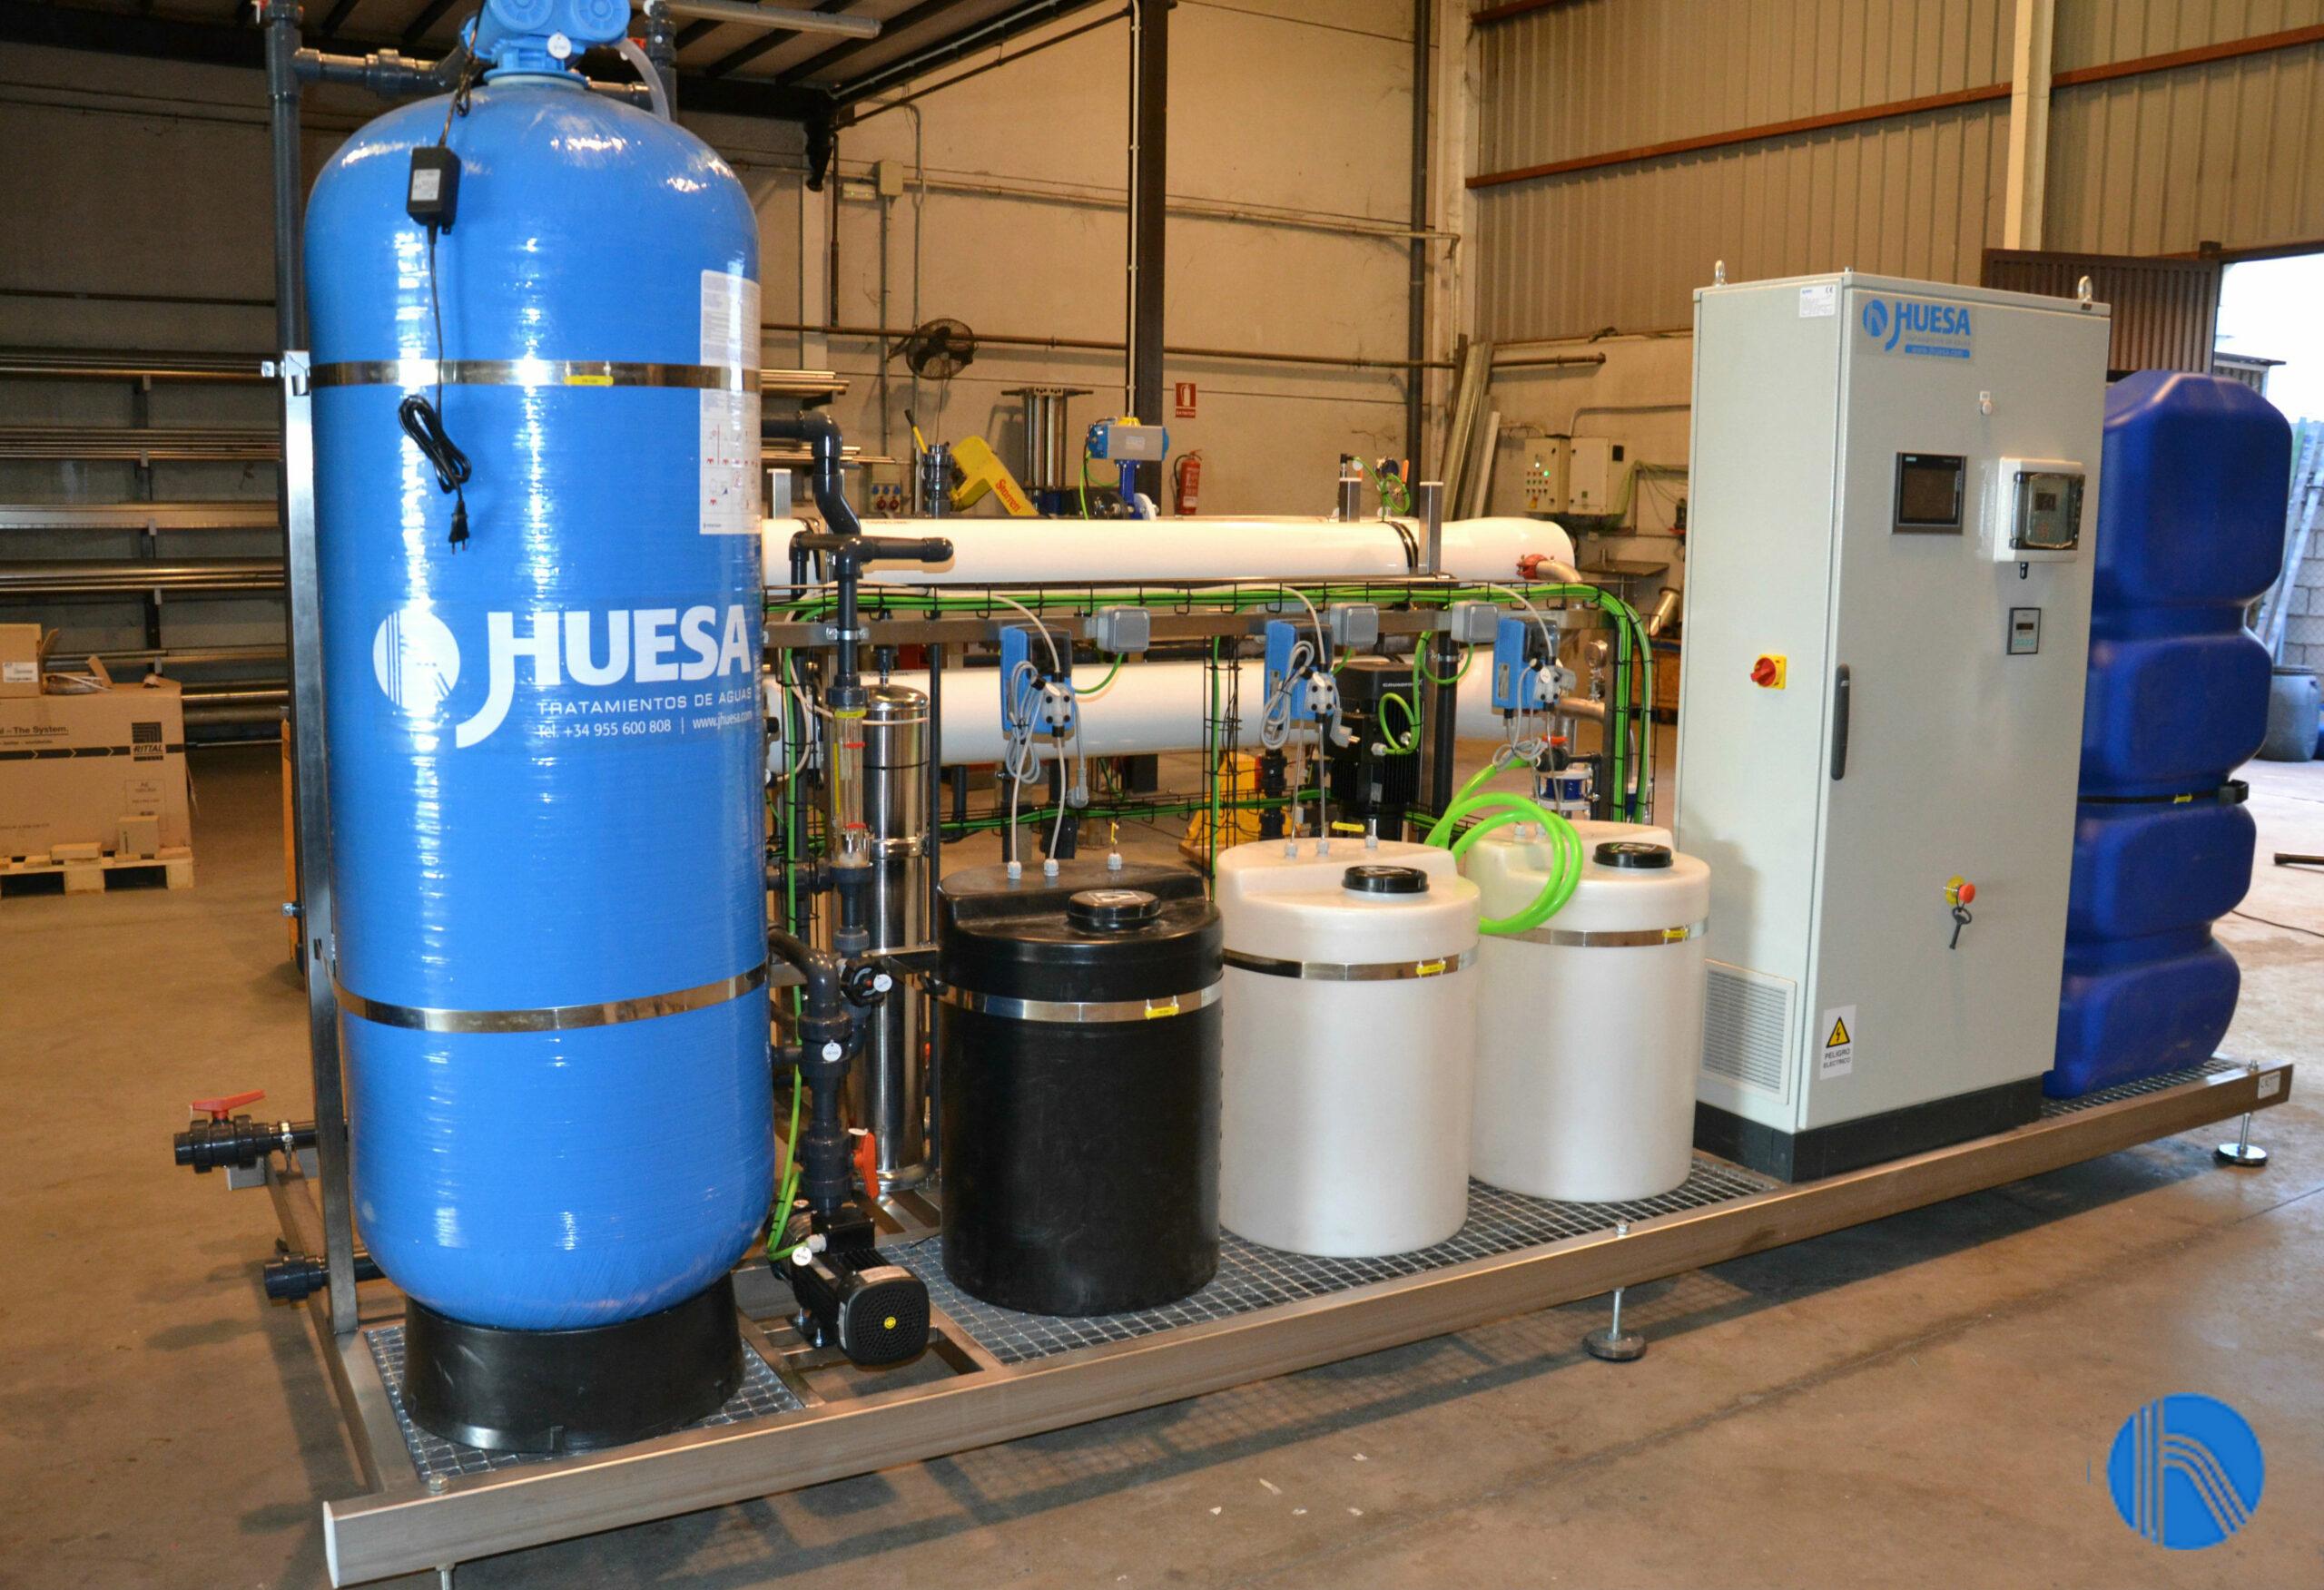 Equipo de tratamiento de aguas mediante ósmosis inversa